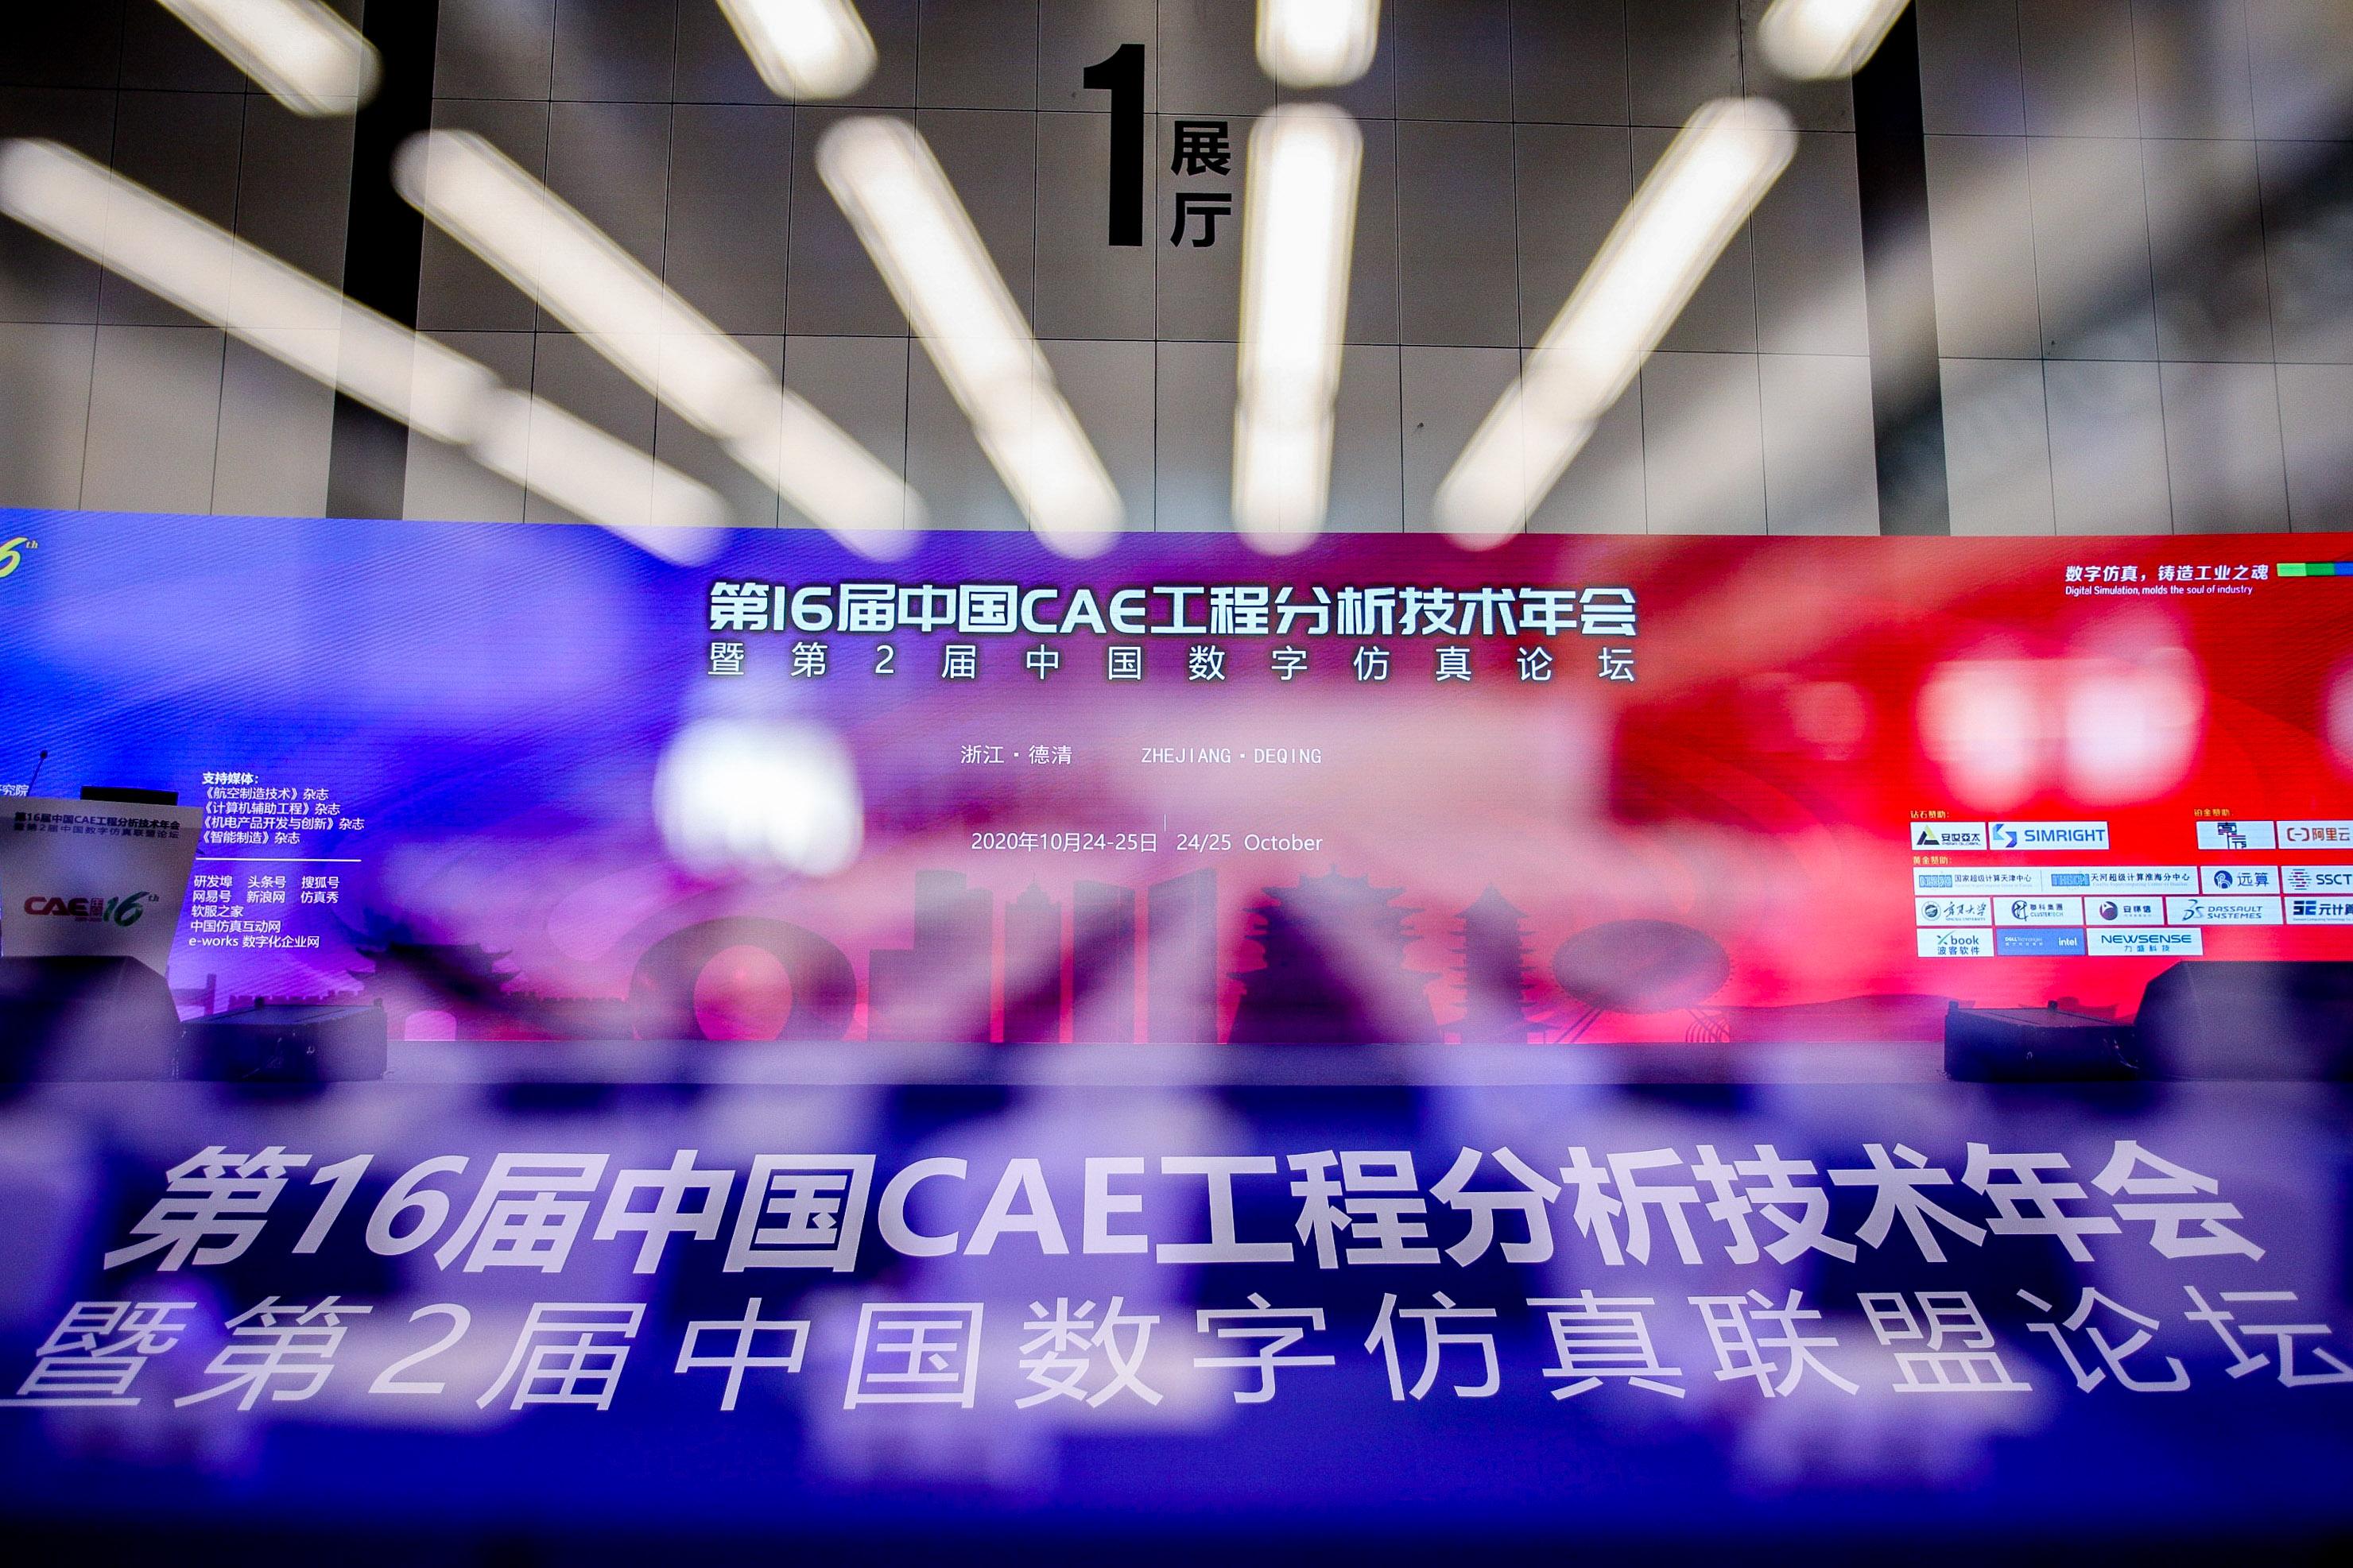 熱烈祝賀第 16 屆中國 CAE 工程分析技術年會暨第二屆中國數字仿真論壇隆重召開